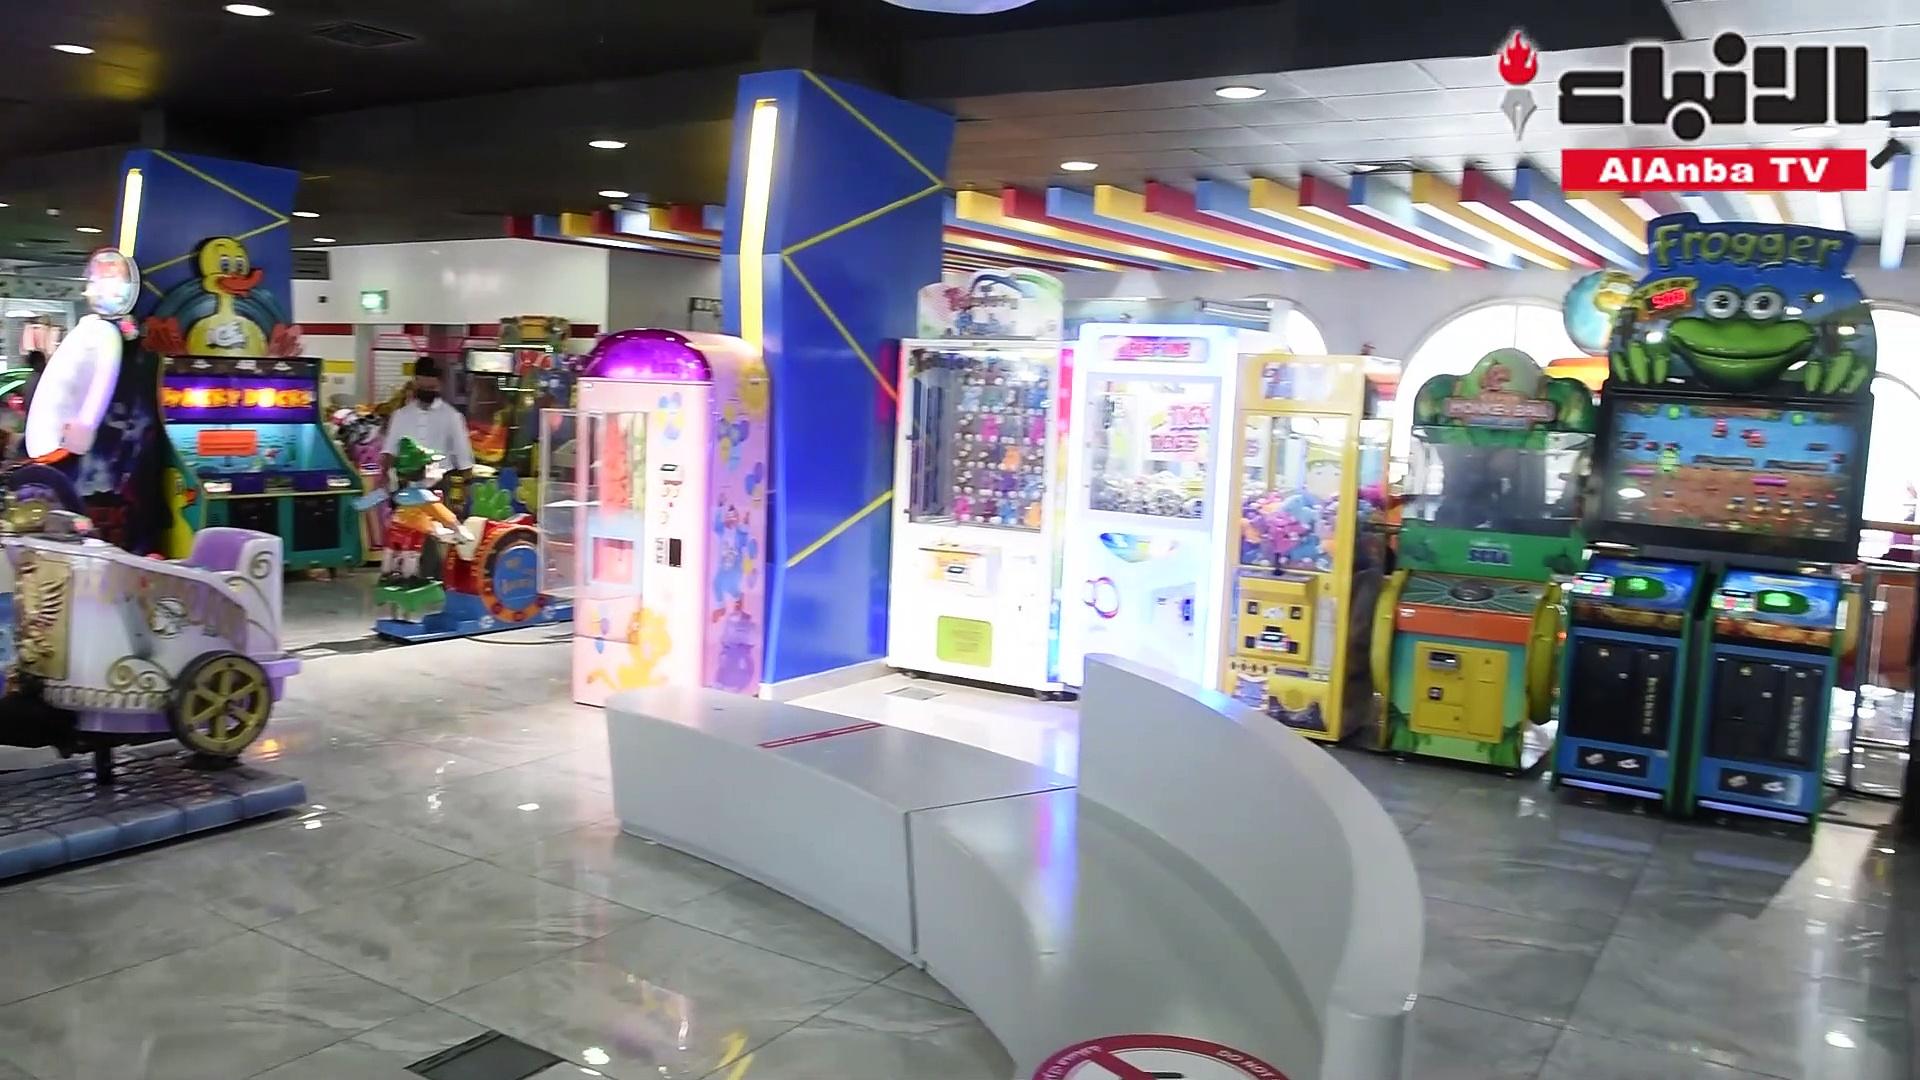 «البلدية» تتفقد مركز ألعاب الأطفال في مجمع أوتاد ضمن جولاتها التفقدية لمتابعة الاشتراطات الصحية